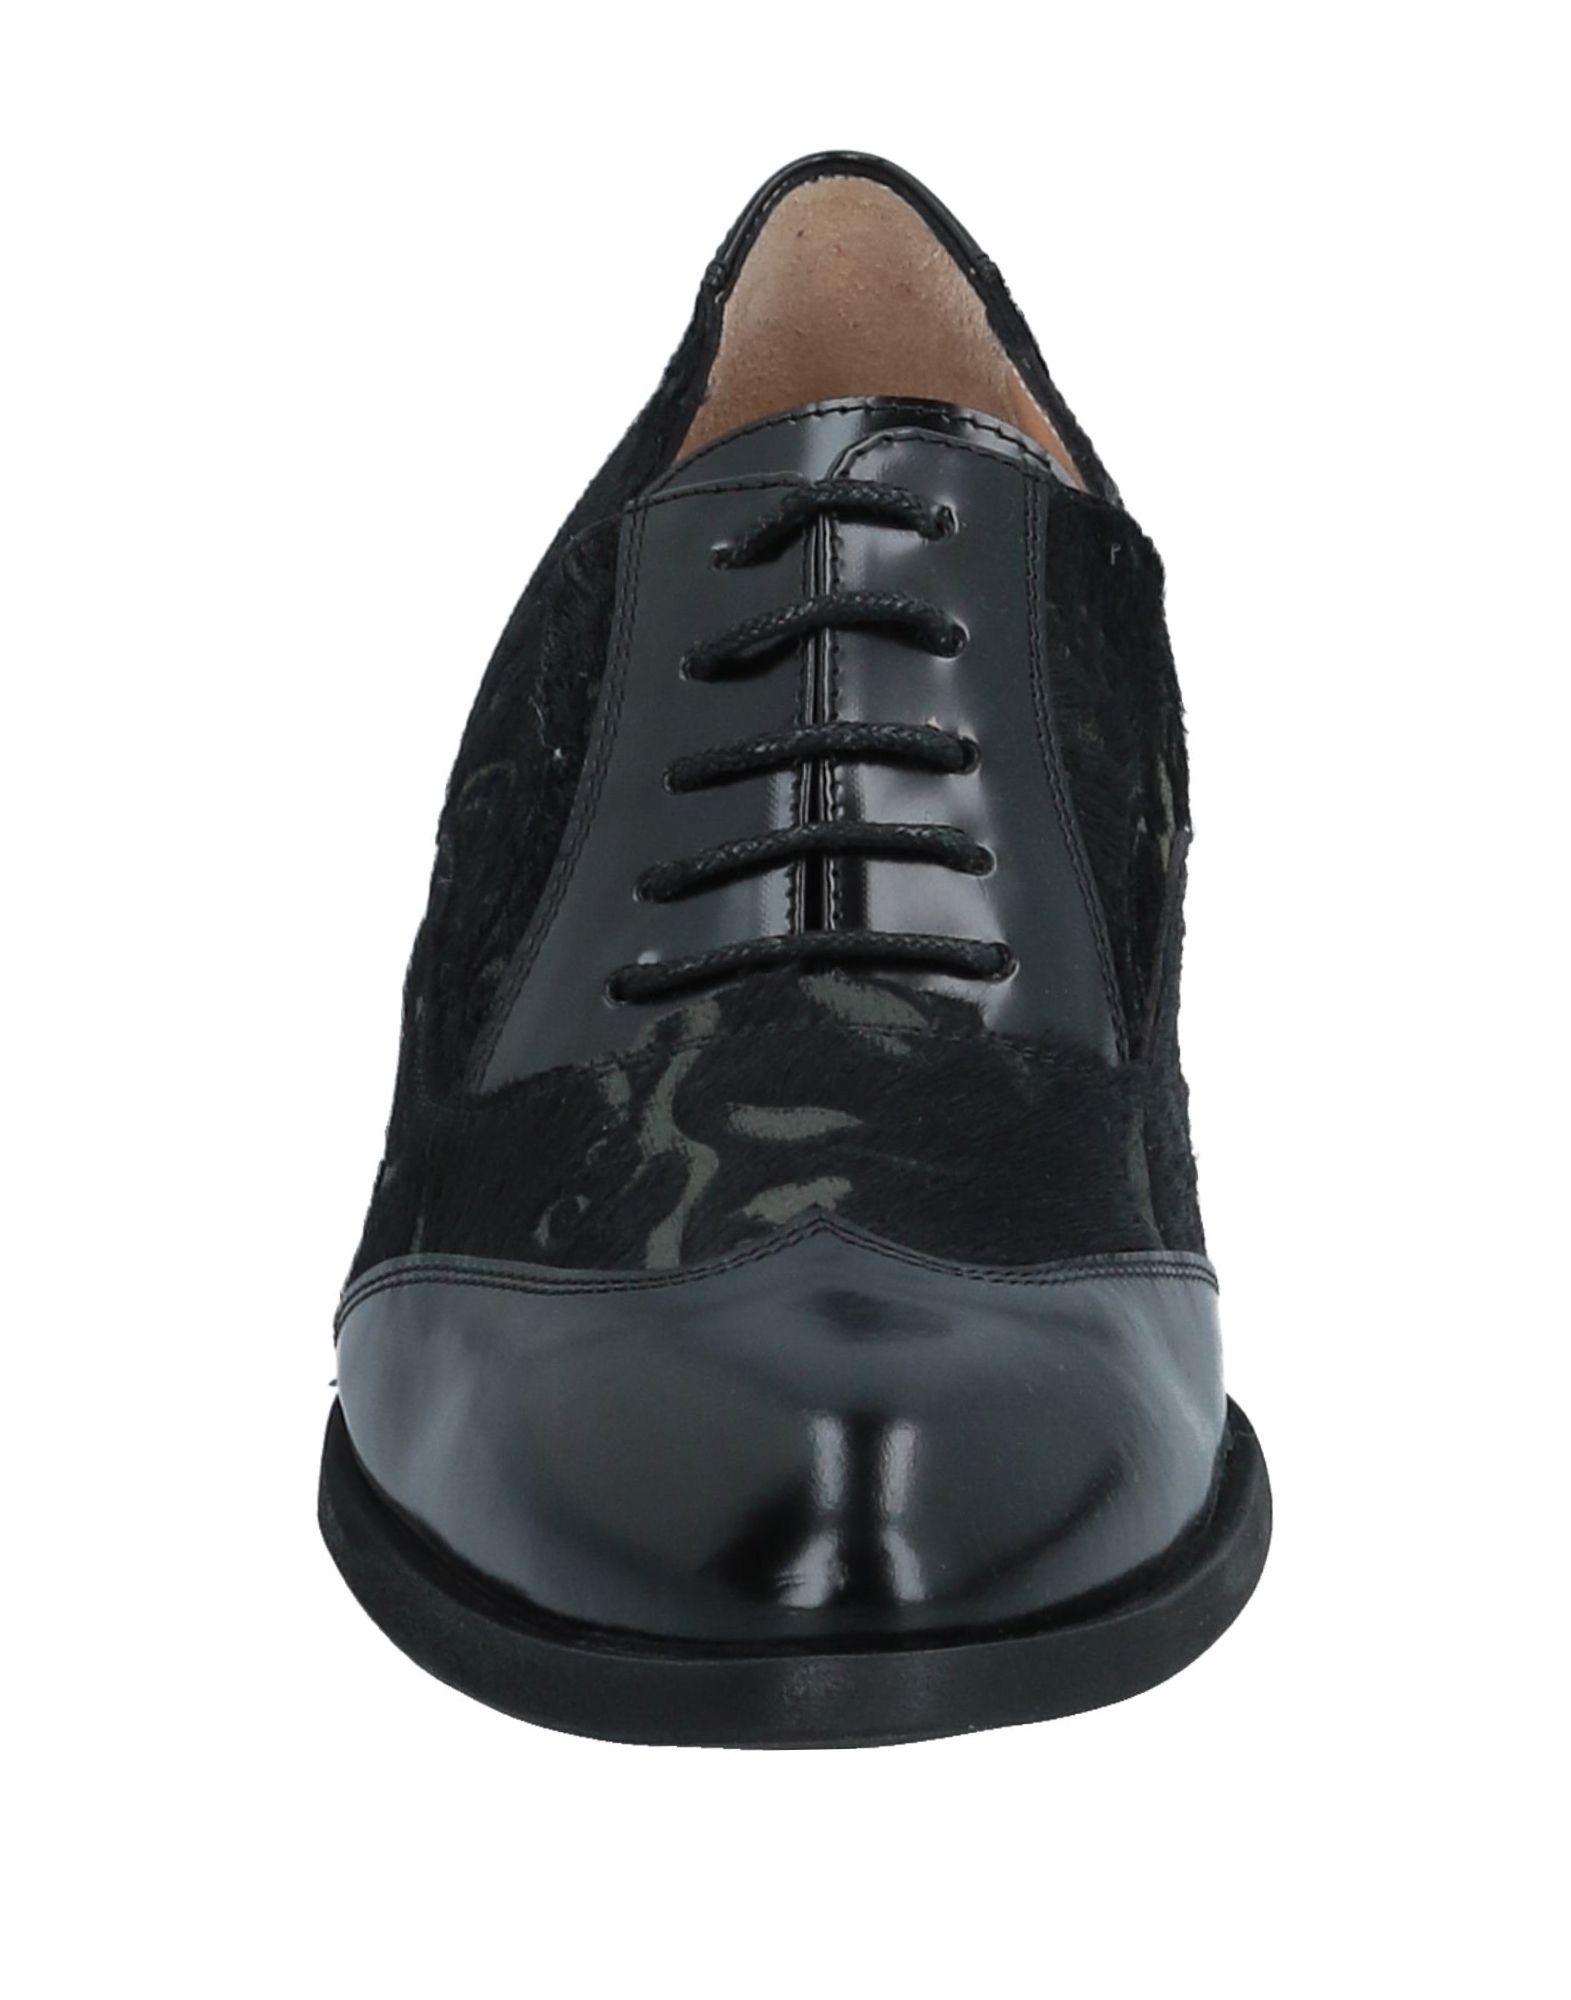 Stilvolle billige Schuhe F.Lli 11520287MR Bruglia Schnürschuhe Damen  11520287MR F.Lli 000e12